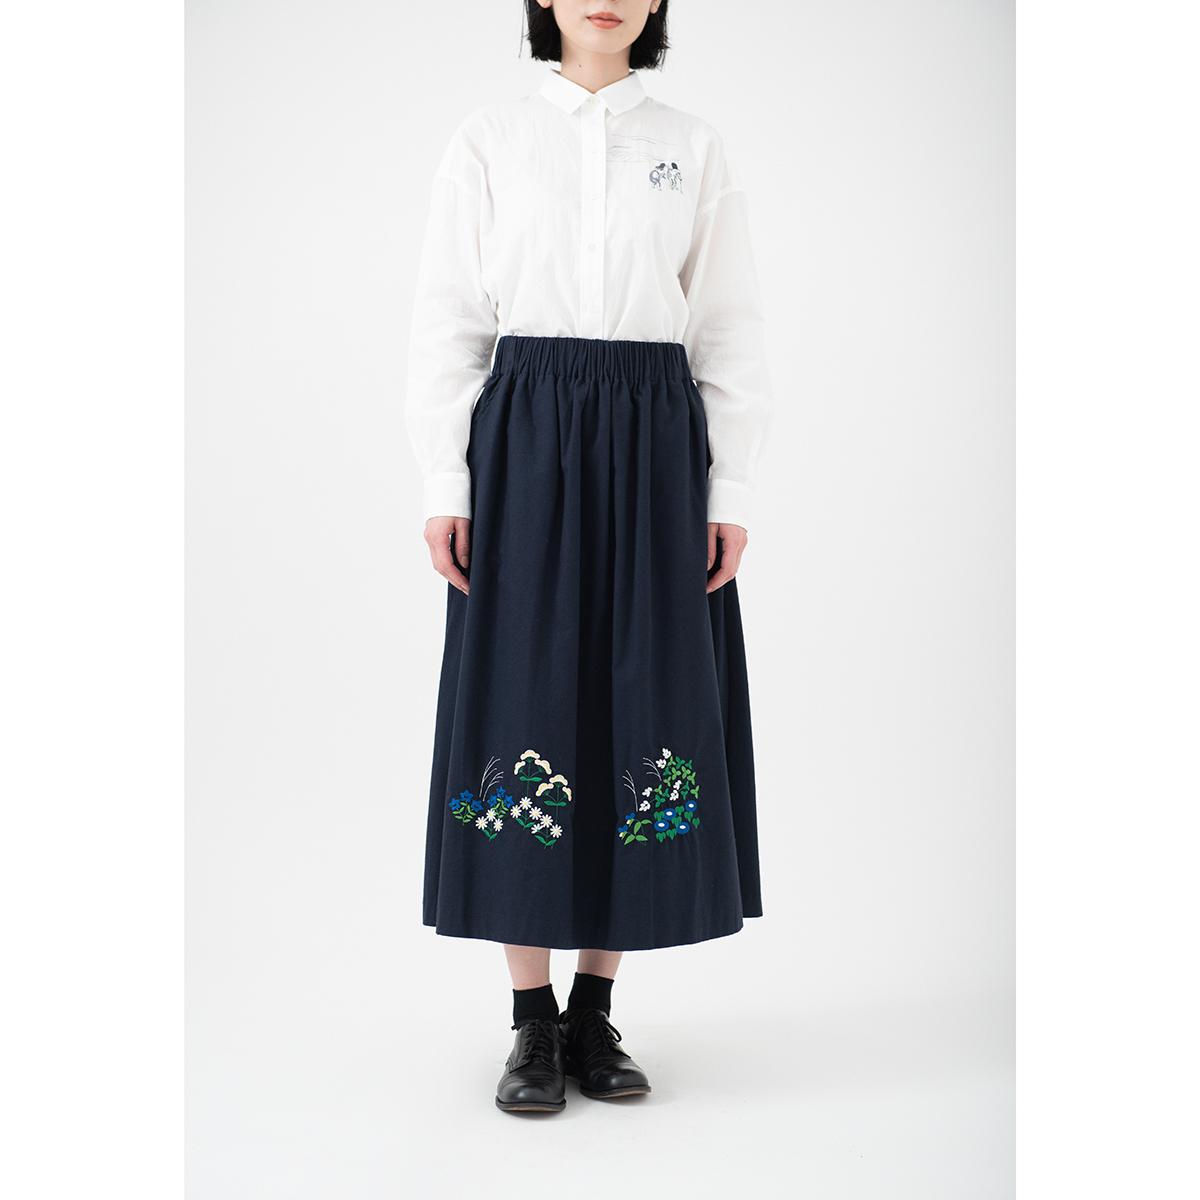 KY63-953C/スカート(紺)/琳派秋草(カラー)